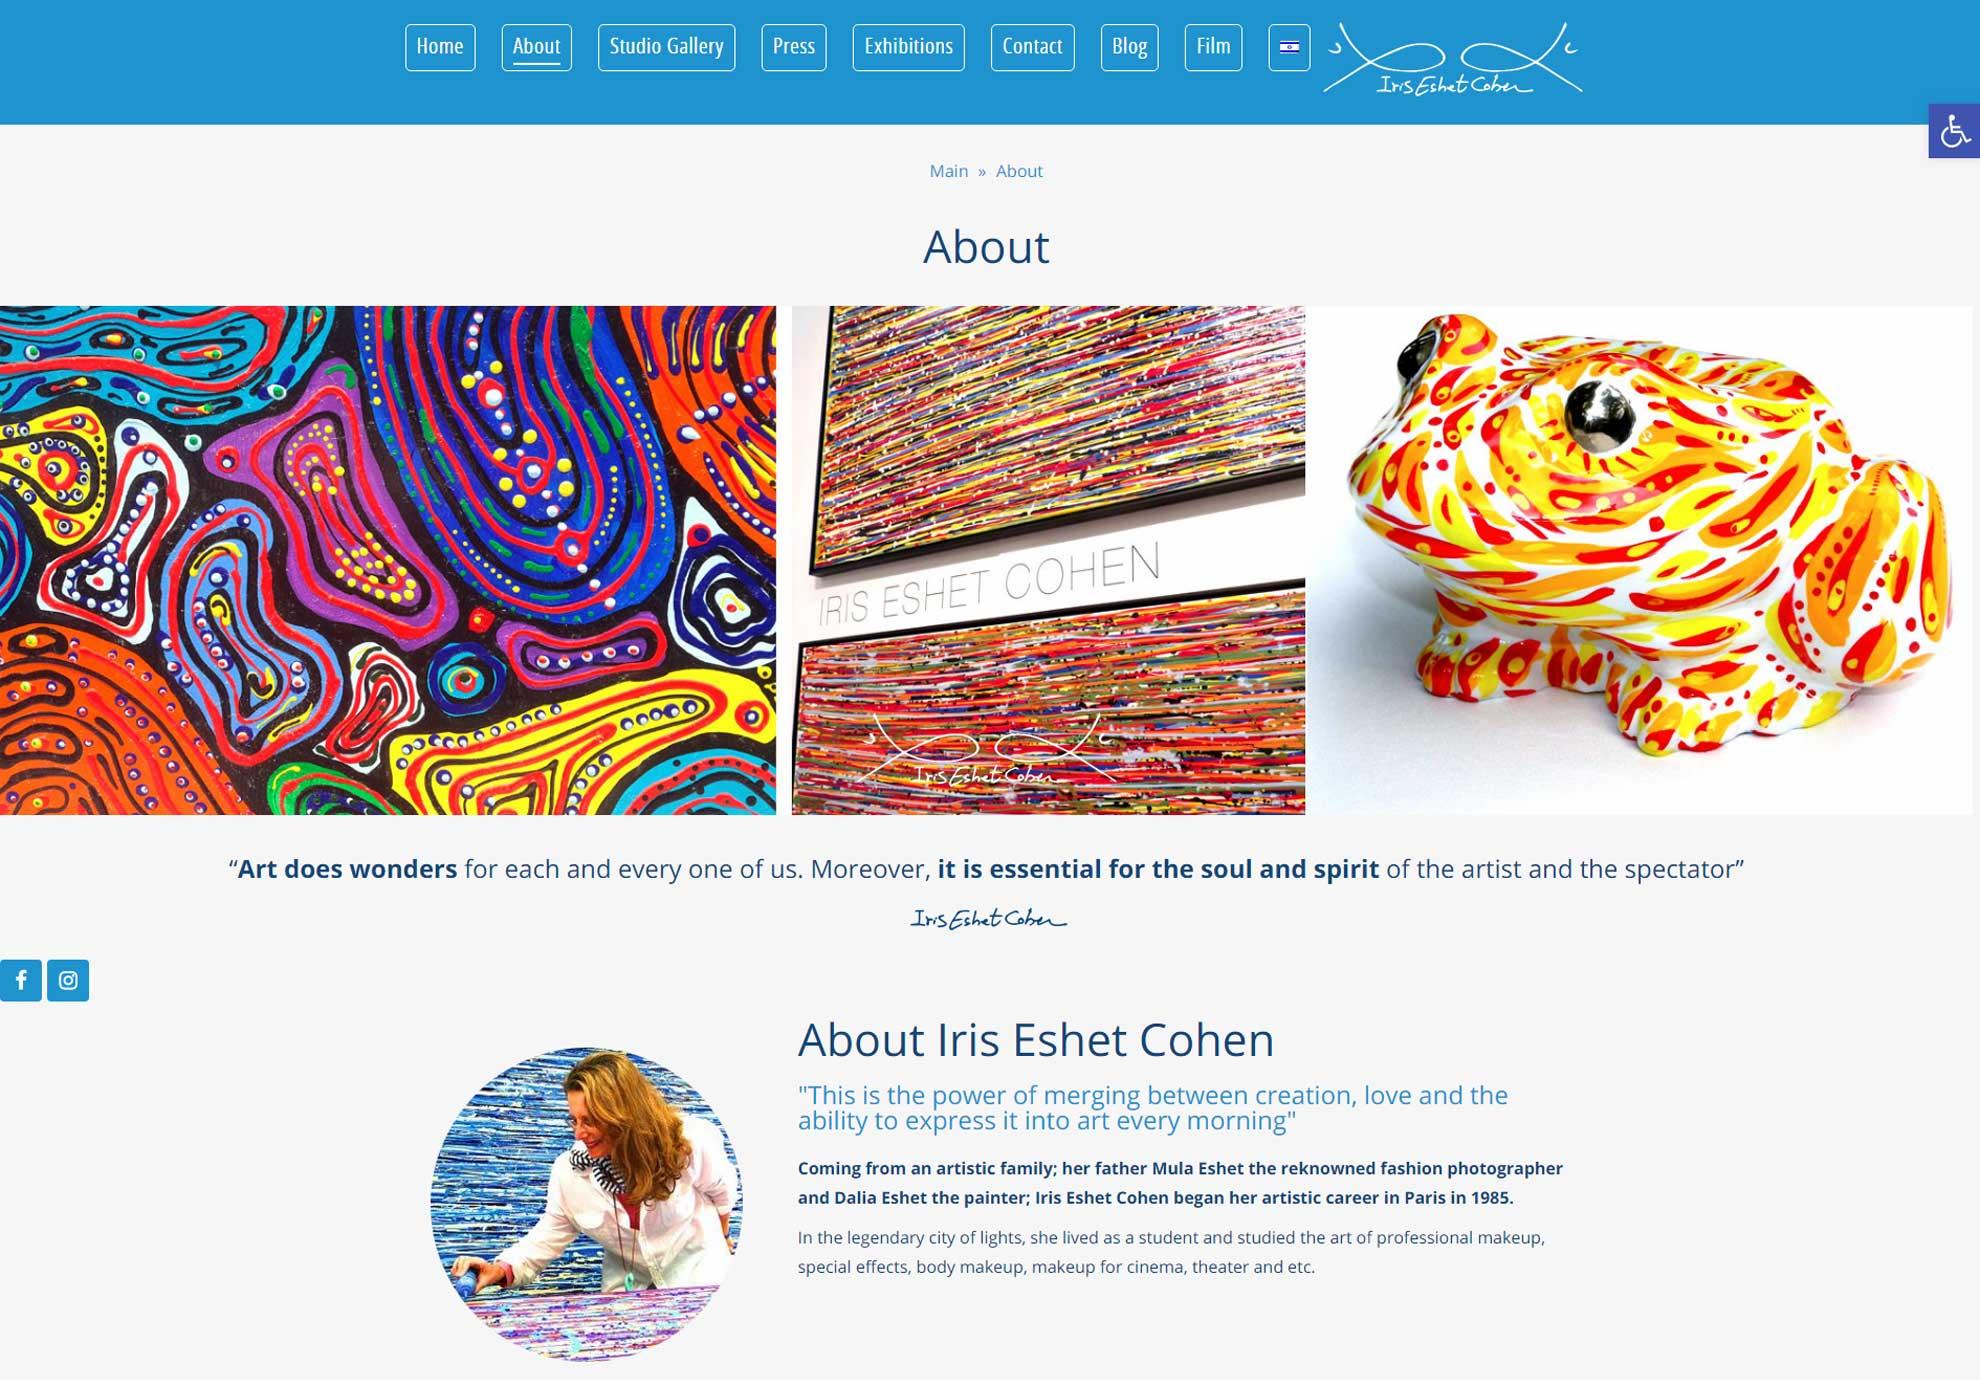 מעוף -עיצובים - עיצוב ובניית אתר לאמנית איריס עשת כהן